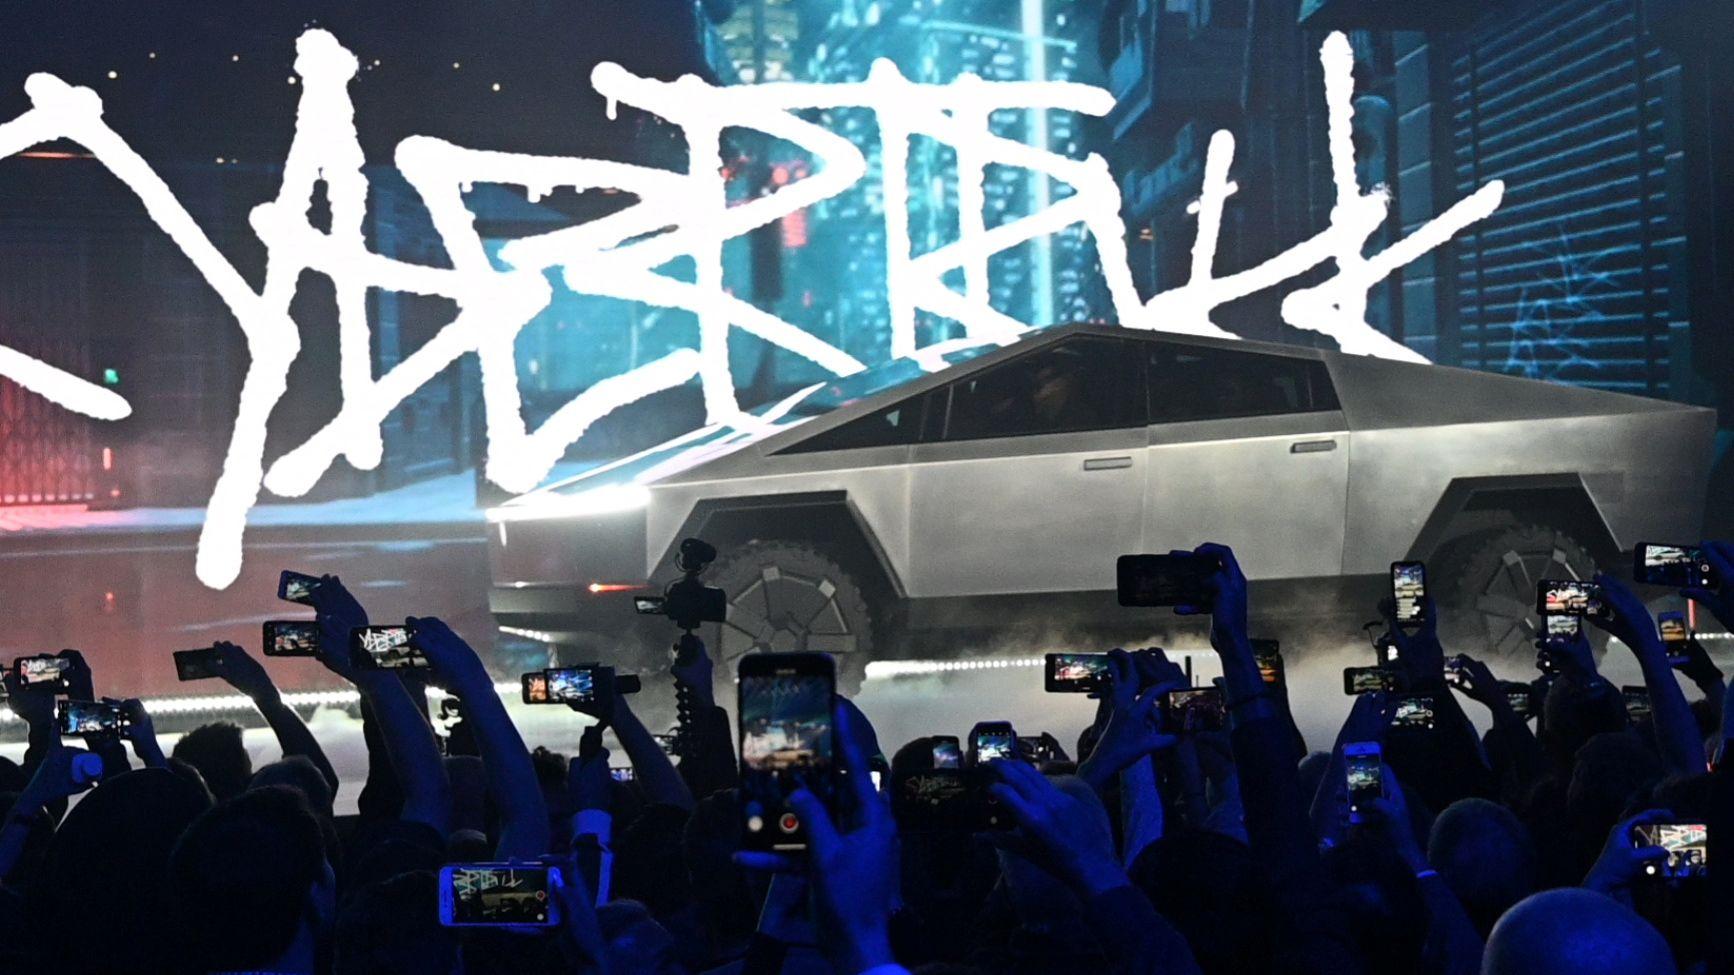 Alle Smartphones sind auf den neuen Tesla Cybertruck gerichtet, Hawthorne, USA, 21.11.2019